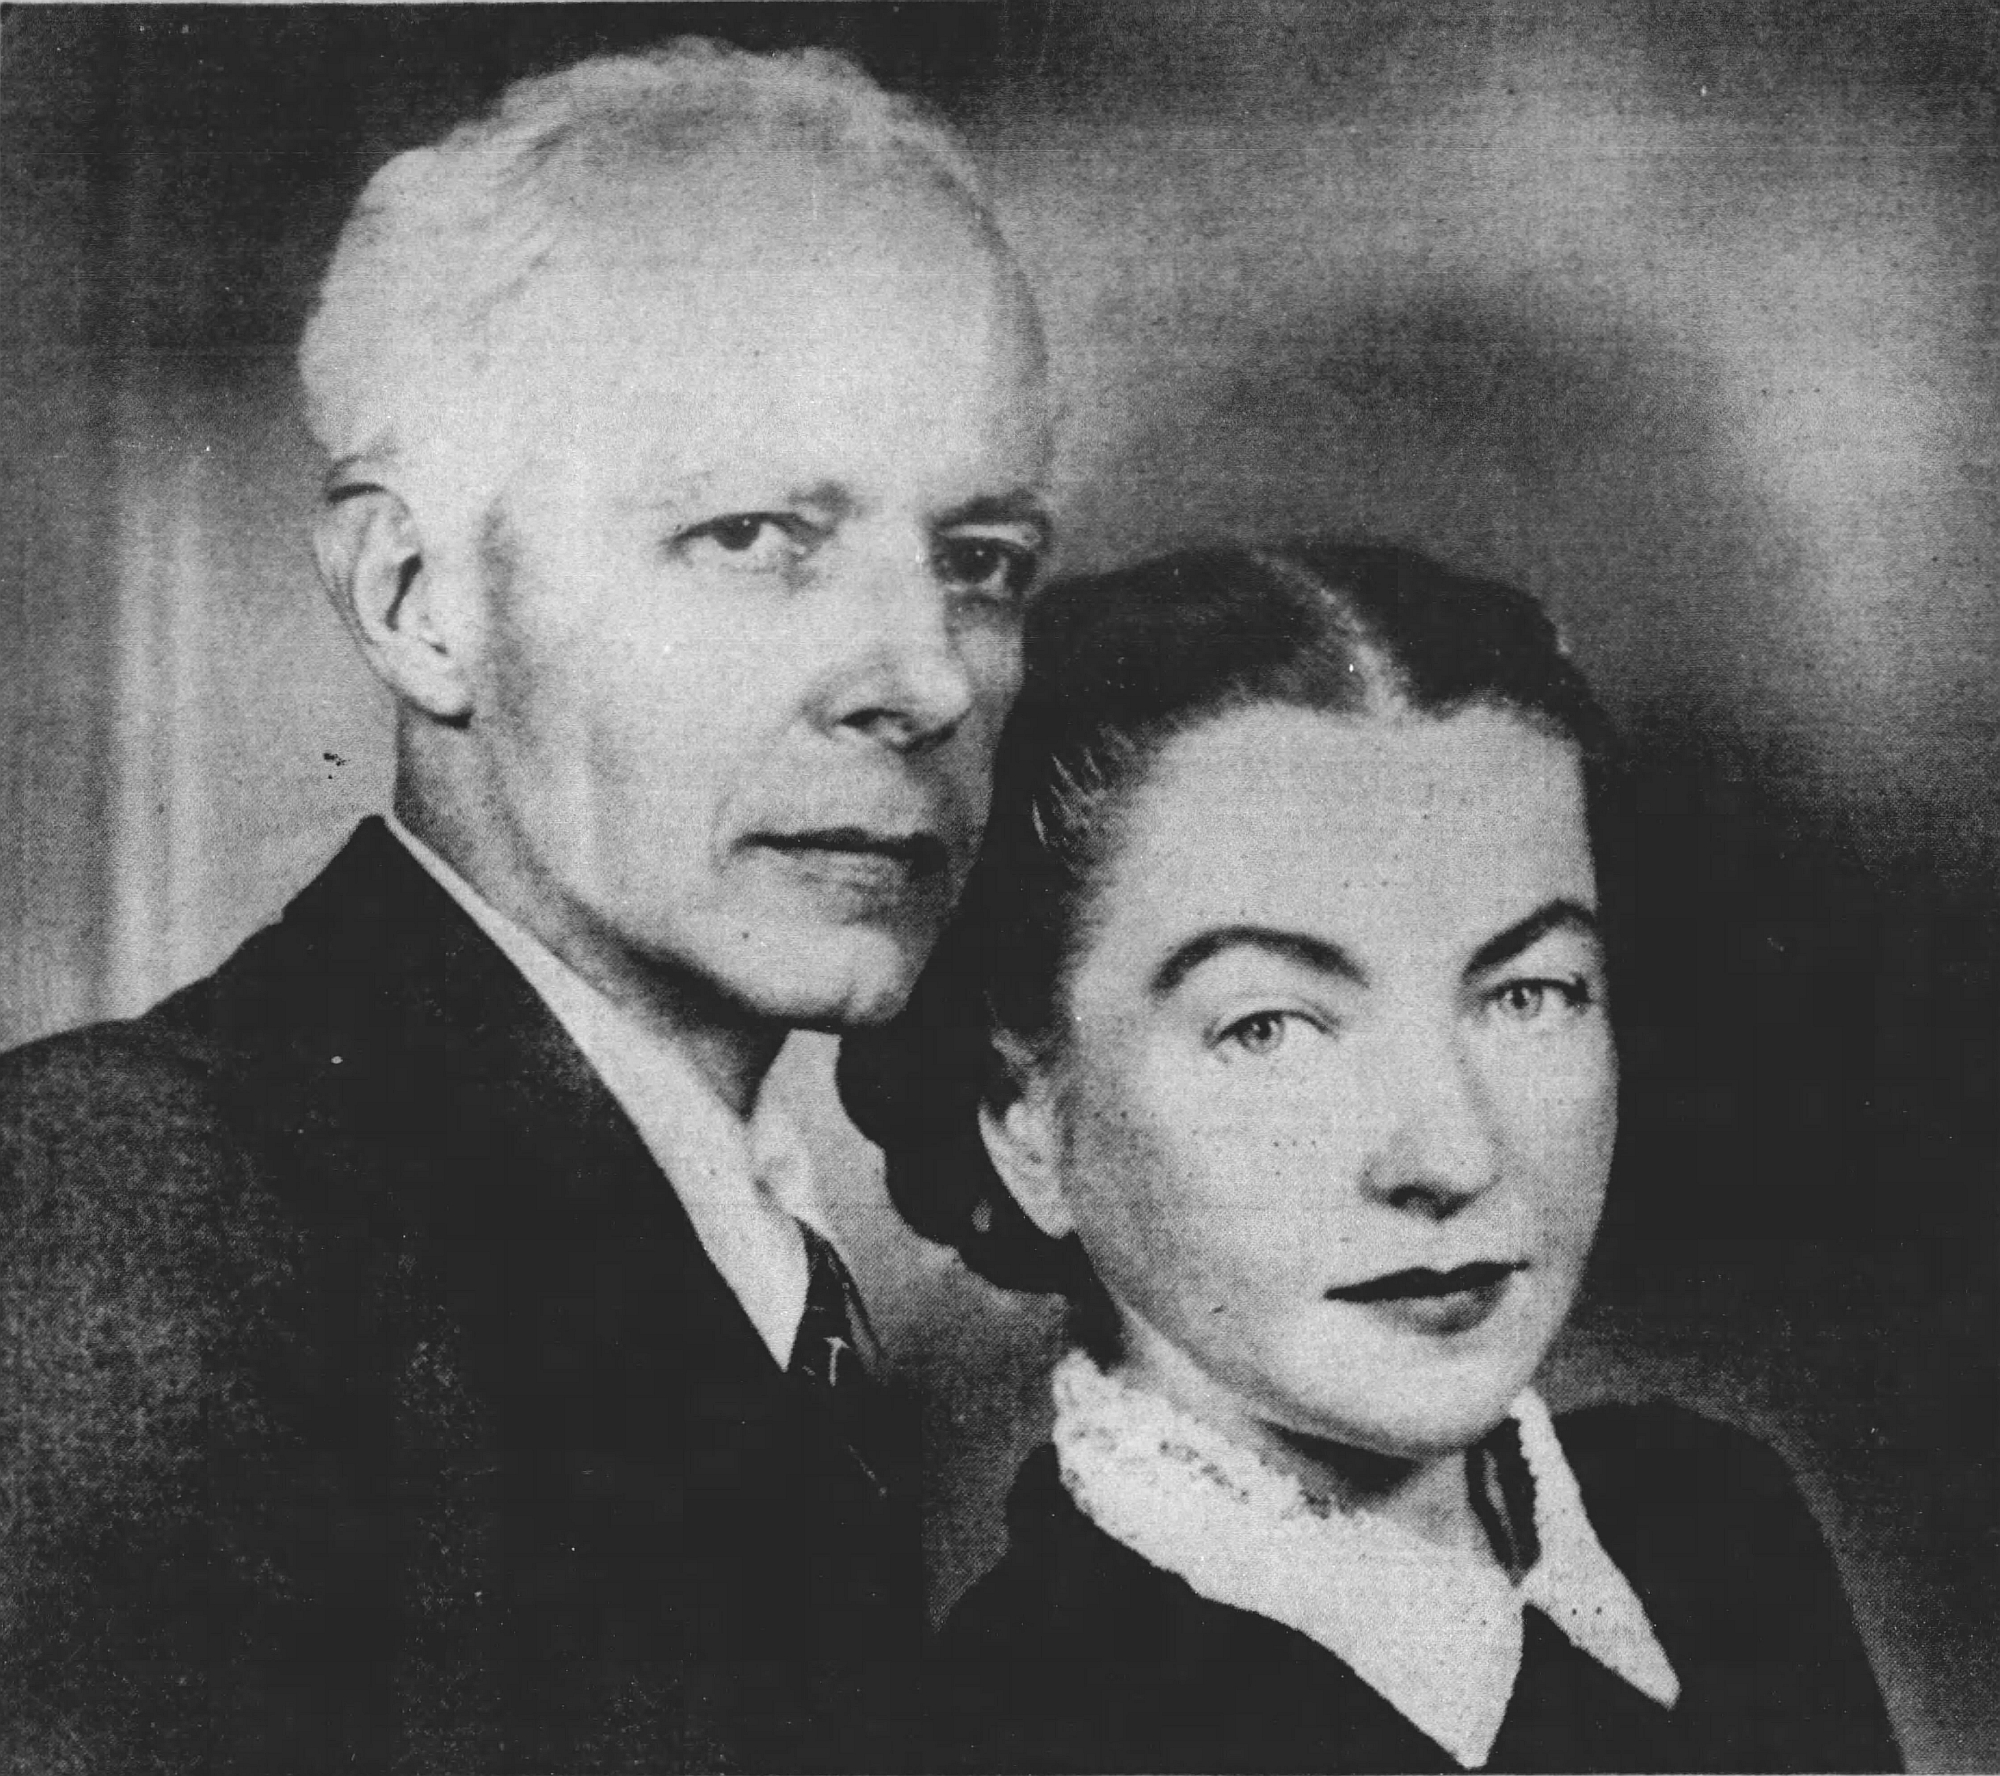 Bela BARTOK et Ditta PASZTORY-BARTOK, photo publiée - entre autres - dans le «The Detroit Free Press» du dimance 23 mars 1941, cliquer pour une vue agrandie